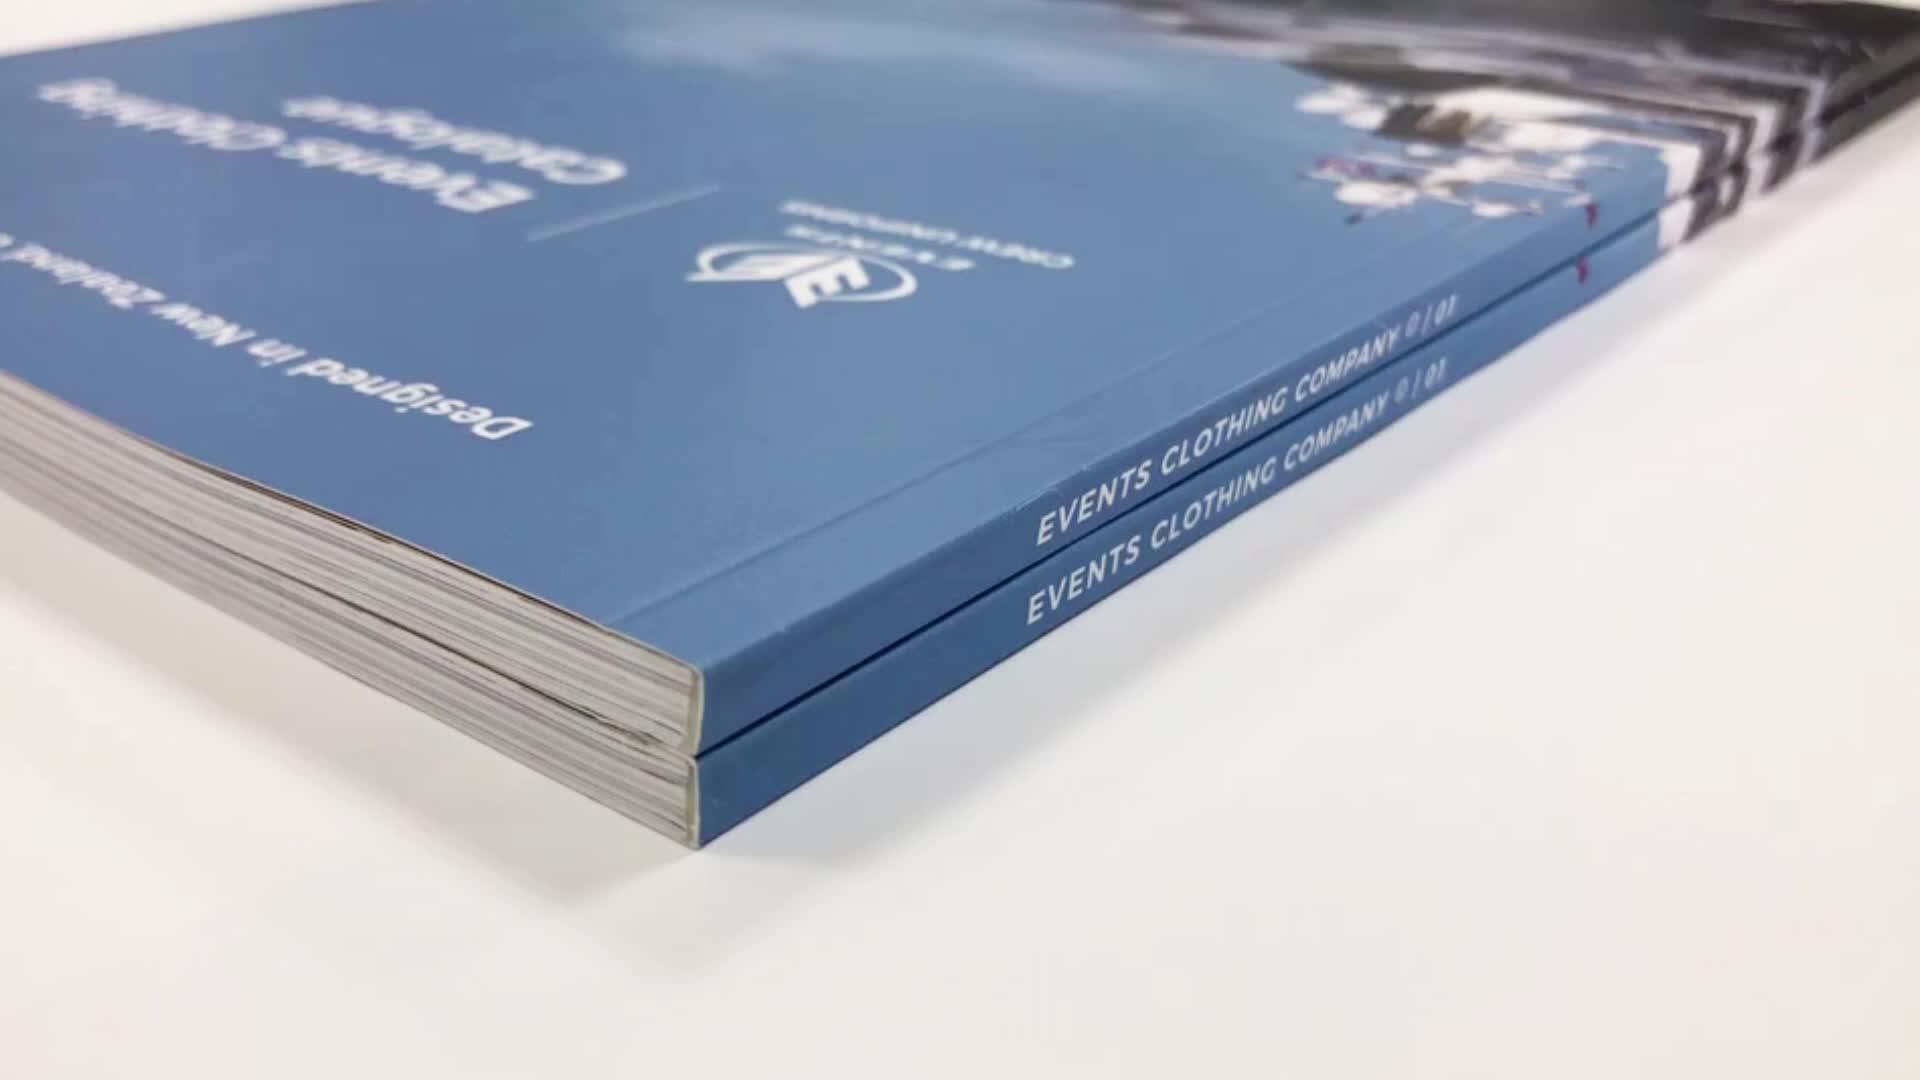 Impressão do catálogo emperramento perfeito barato personalizado de alta qualidade